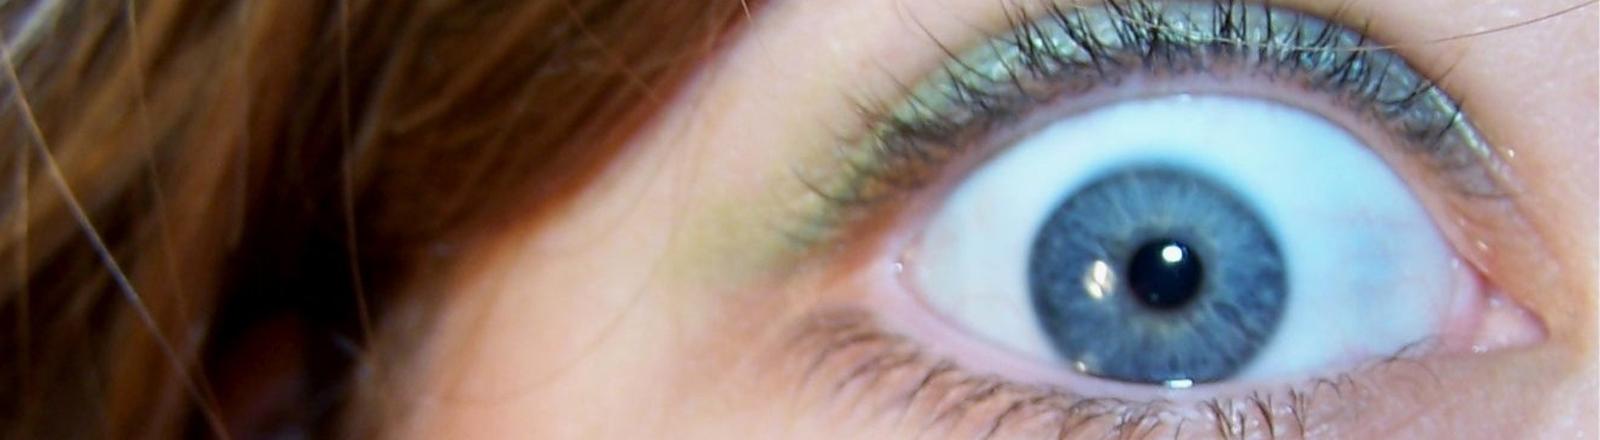 Eine Frau reißt die Augen auf vor Angst oder Schreck.